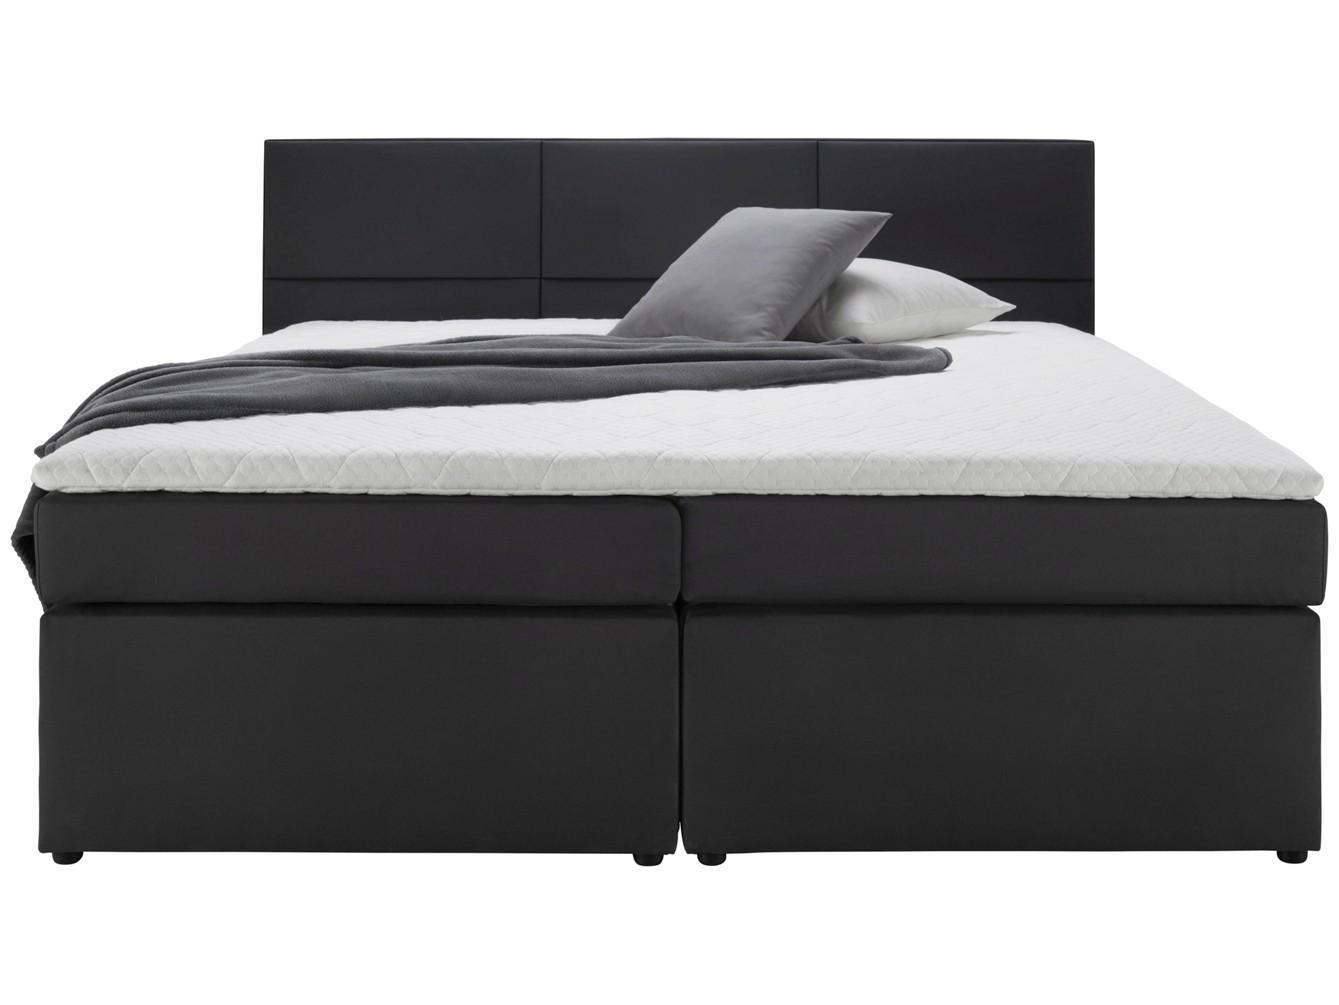 boxspringbett schwarz 180x200cm inkl matratze mit bonellfederkern und topper schon ab 257. Black Bedroom Furniture Sets. Home Design Ideas